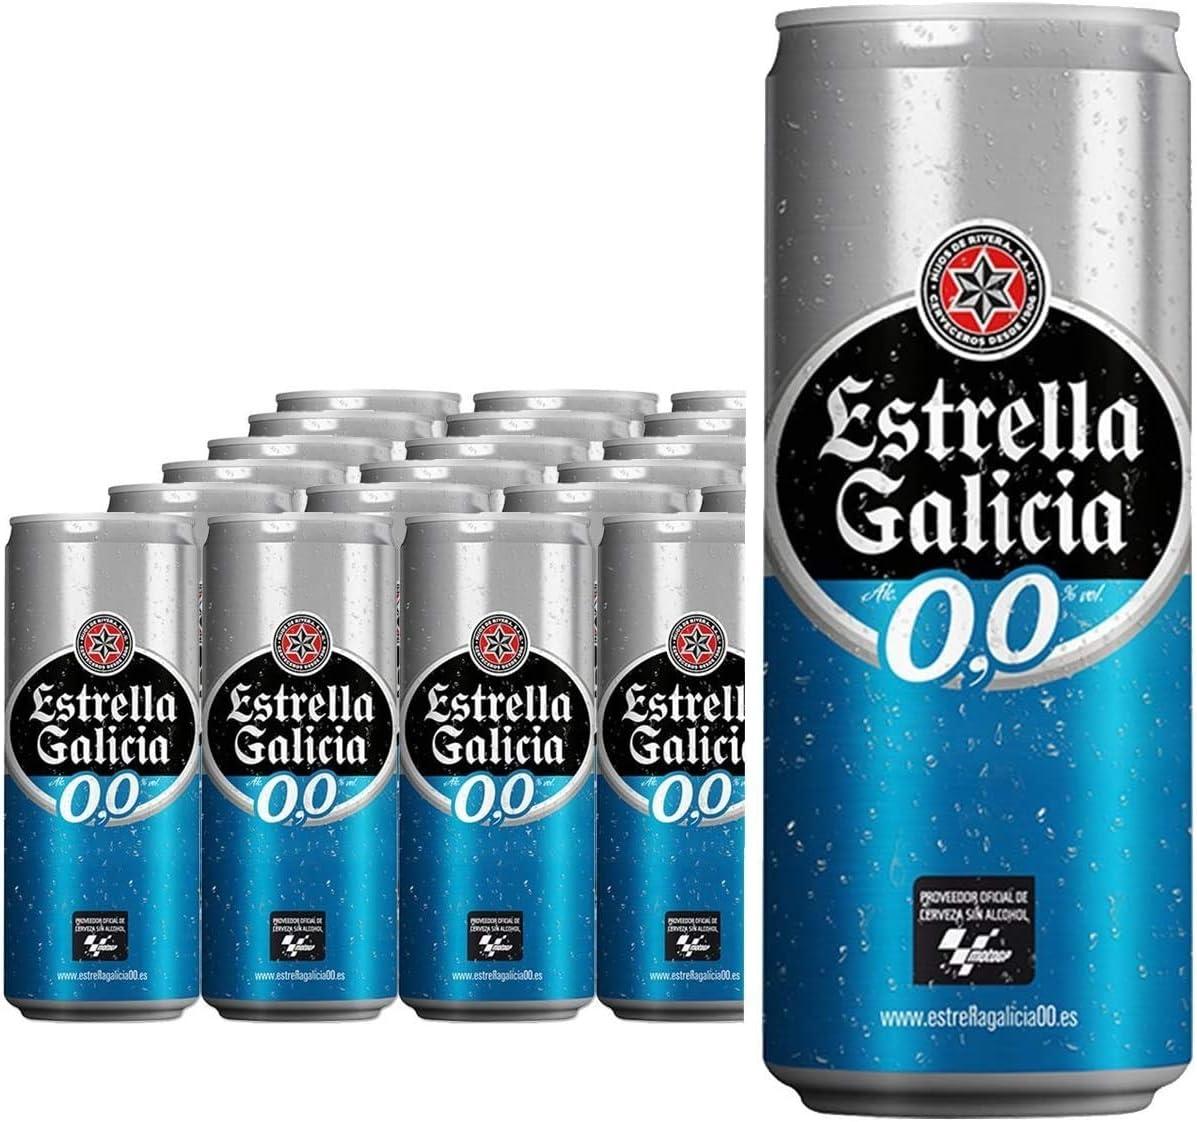 Estrella Galicia Cerveza 00 - Pack de 24 latas x 33 cl: Amazon.es: Alimentación y bebidas